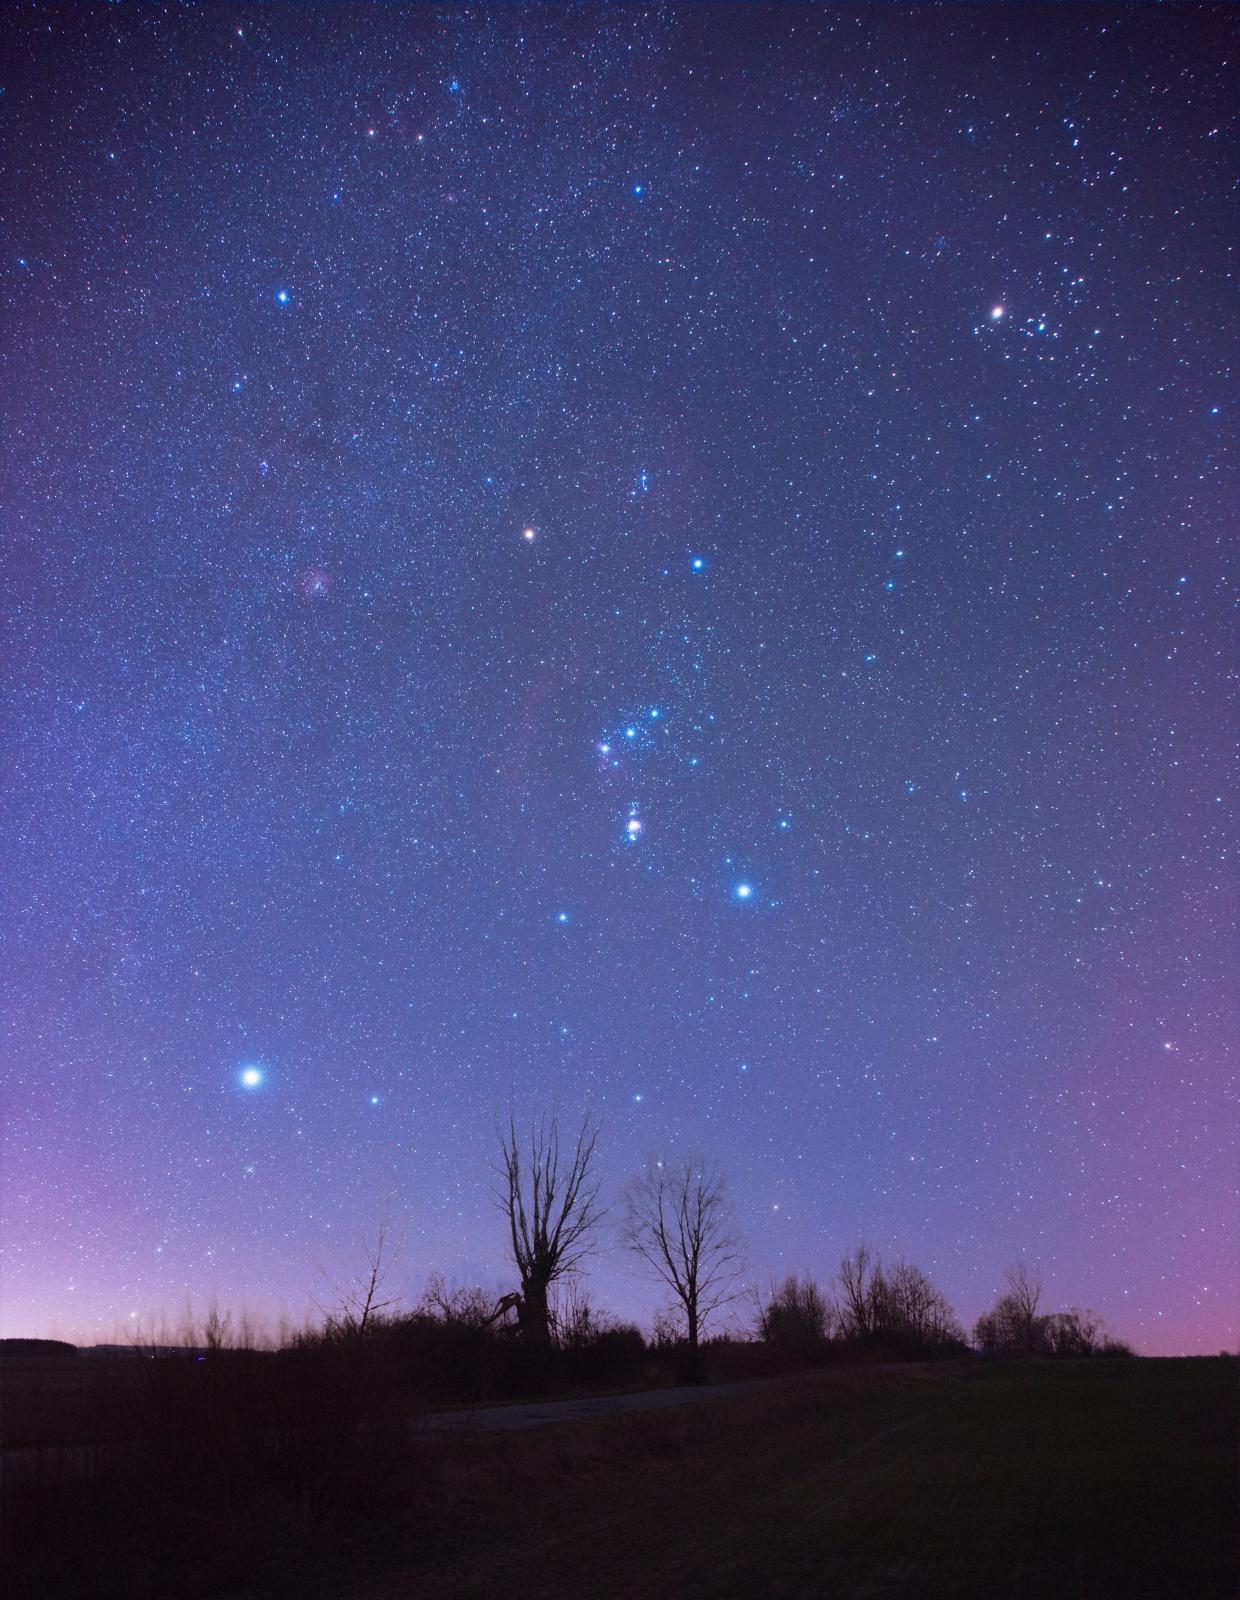 Orion.thumb.jpg.467181c932285f274e9eaae98ba5fd5a.jpg